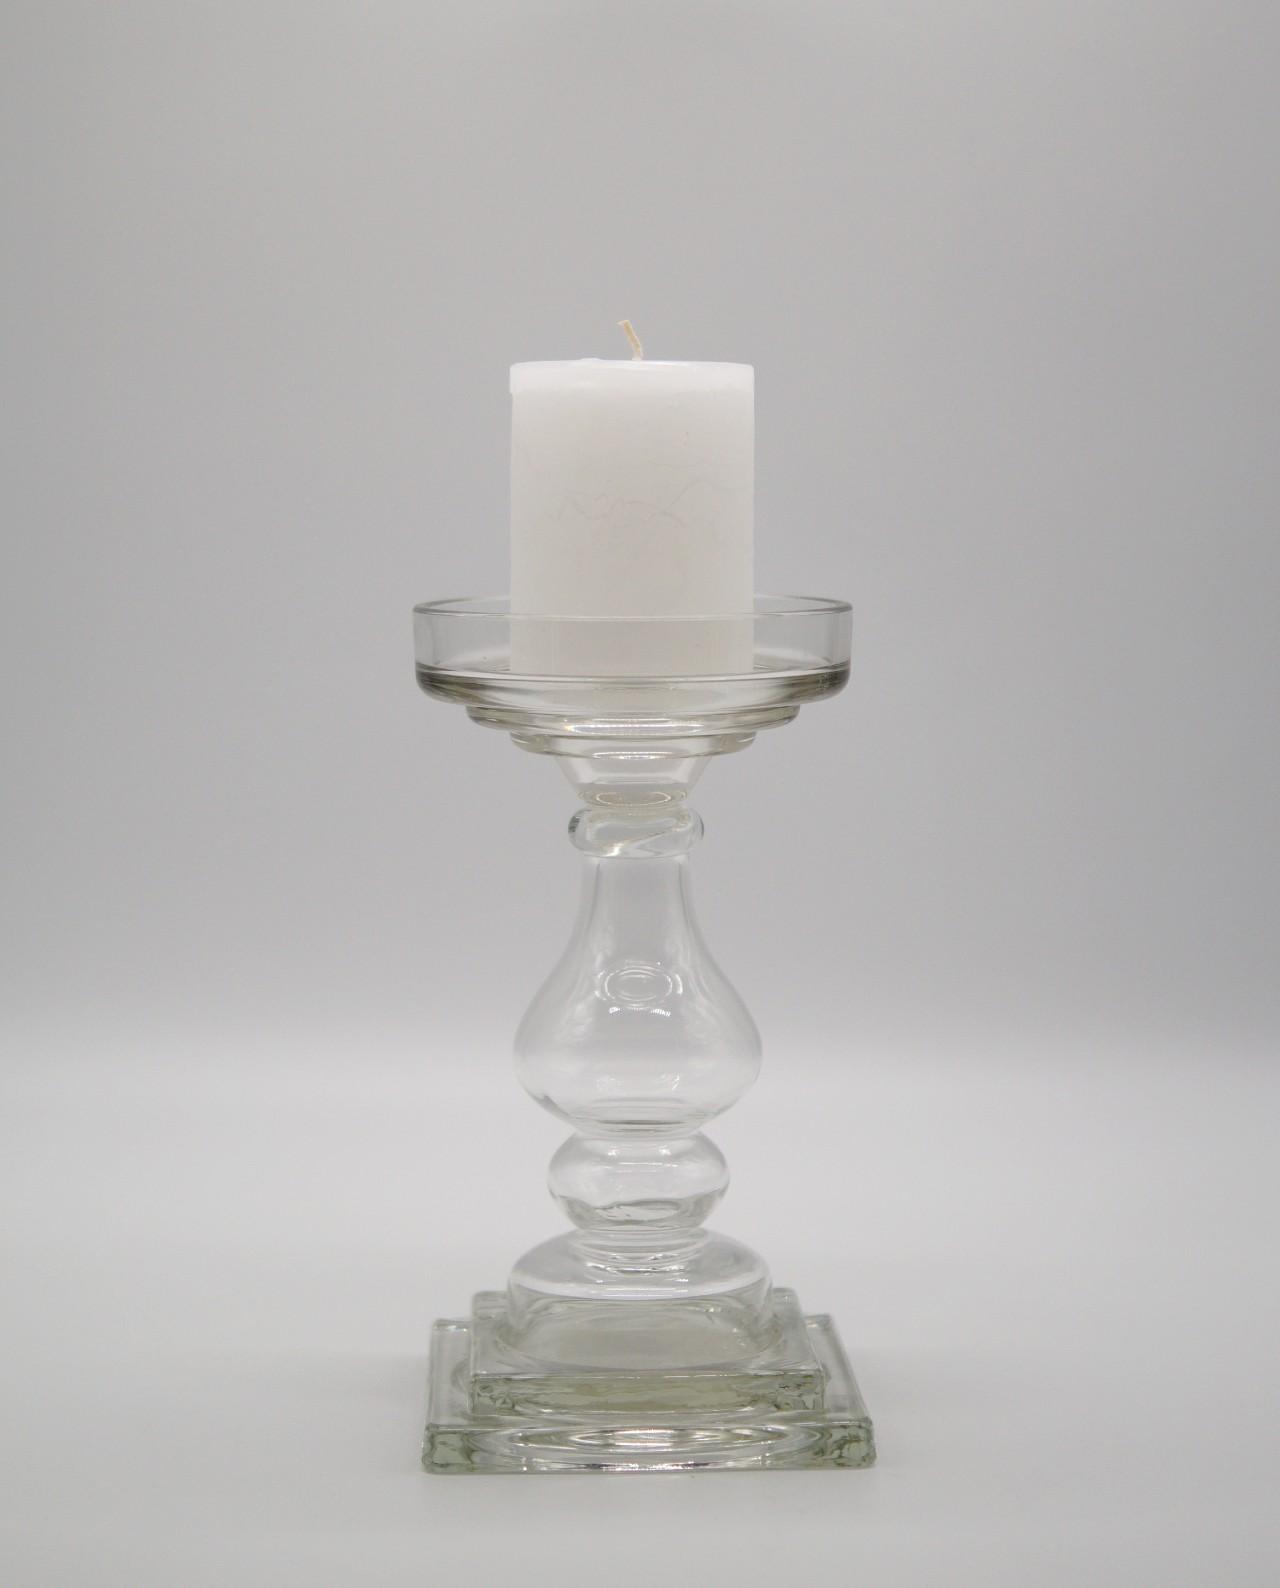 Κηροπήγιο γυάλινο διαφανές ύψους 24 cm